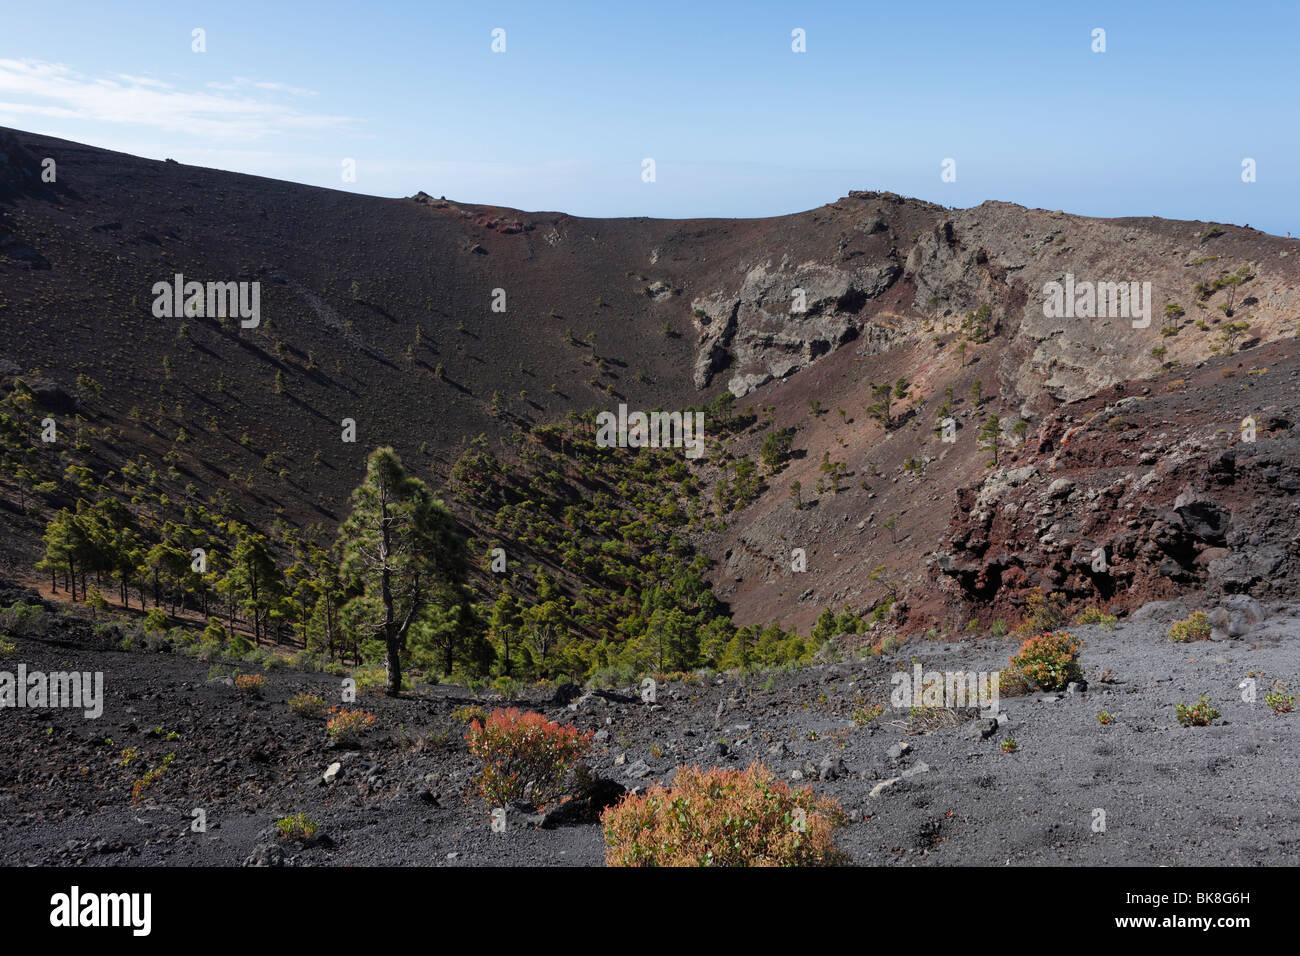 San Antonio-Vulkan in der Nähe von Fuencaliente, La Palma, Kanarische Inseln, Spanien, Europa Stockbild